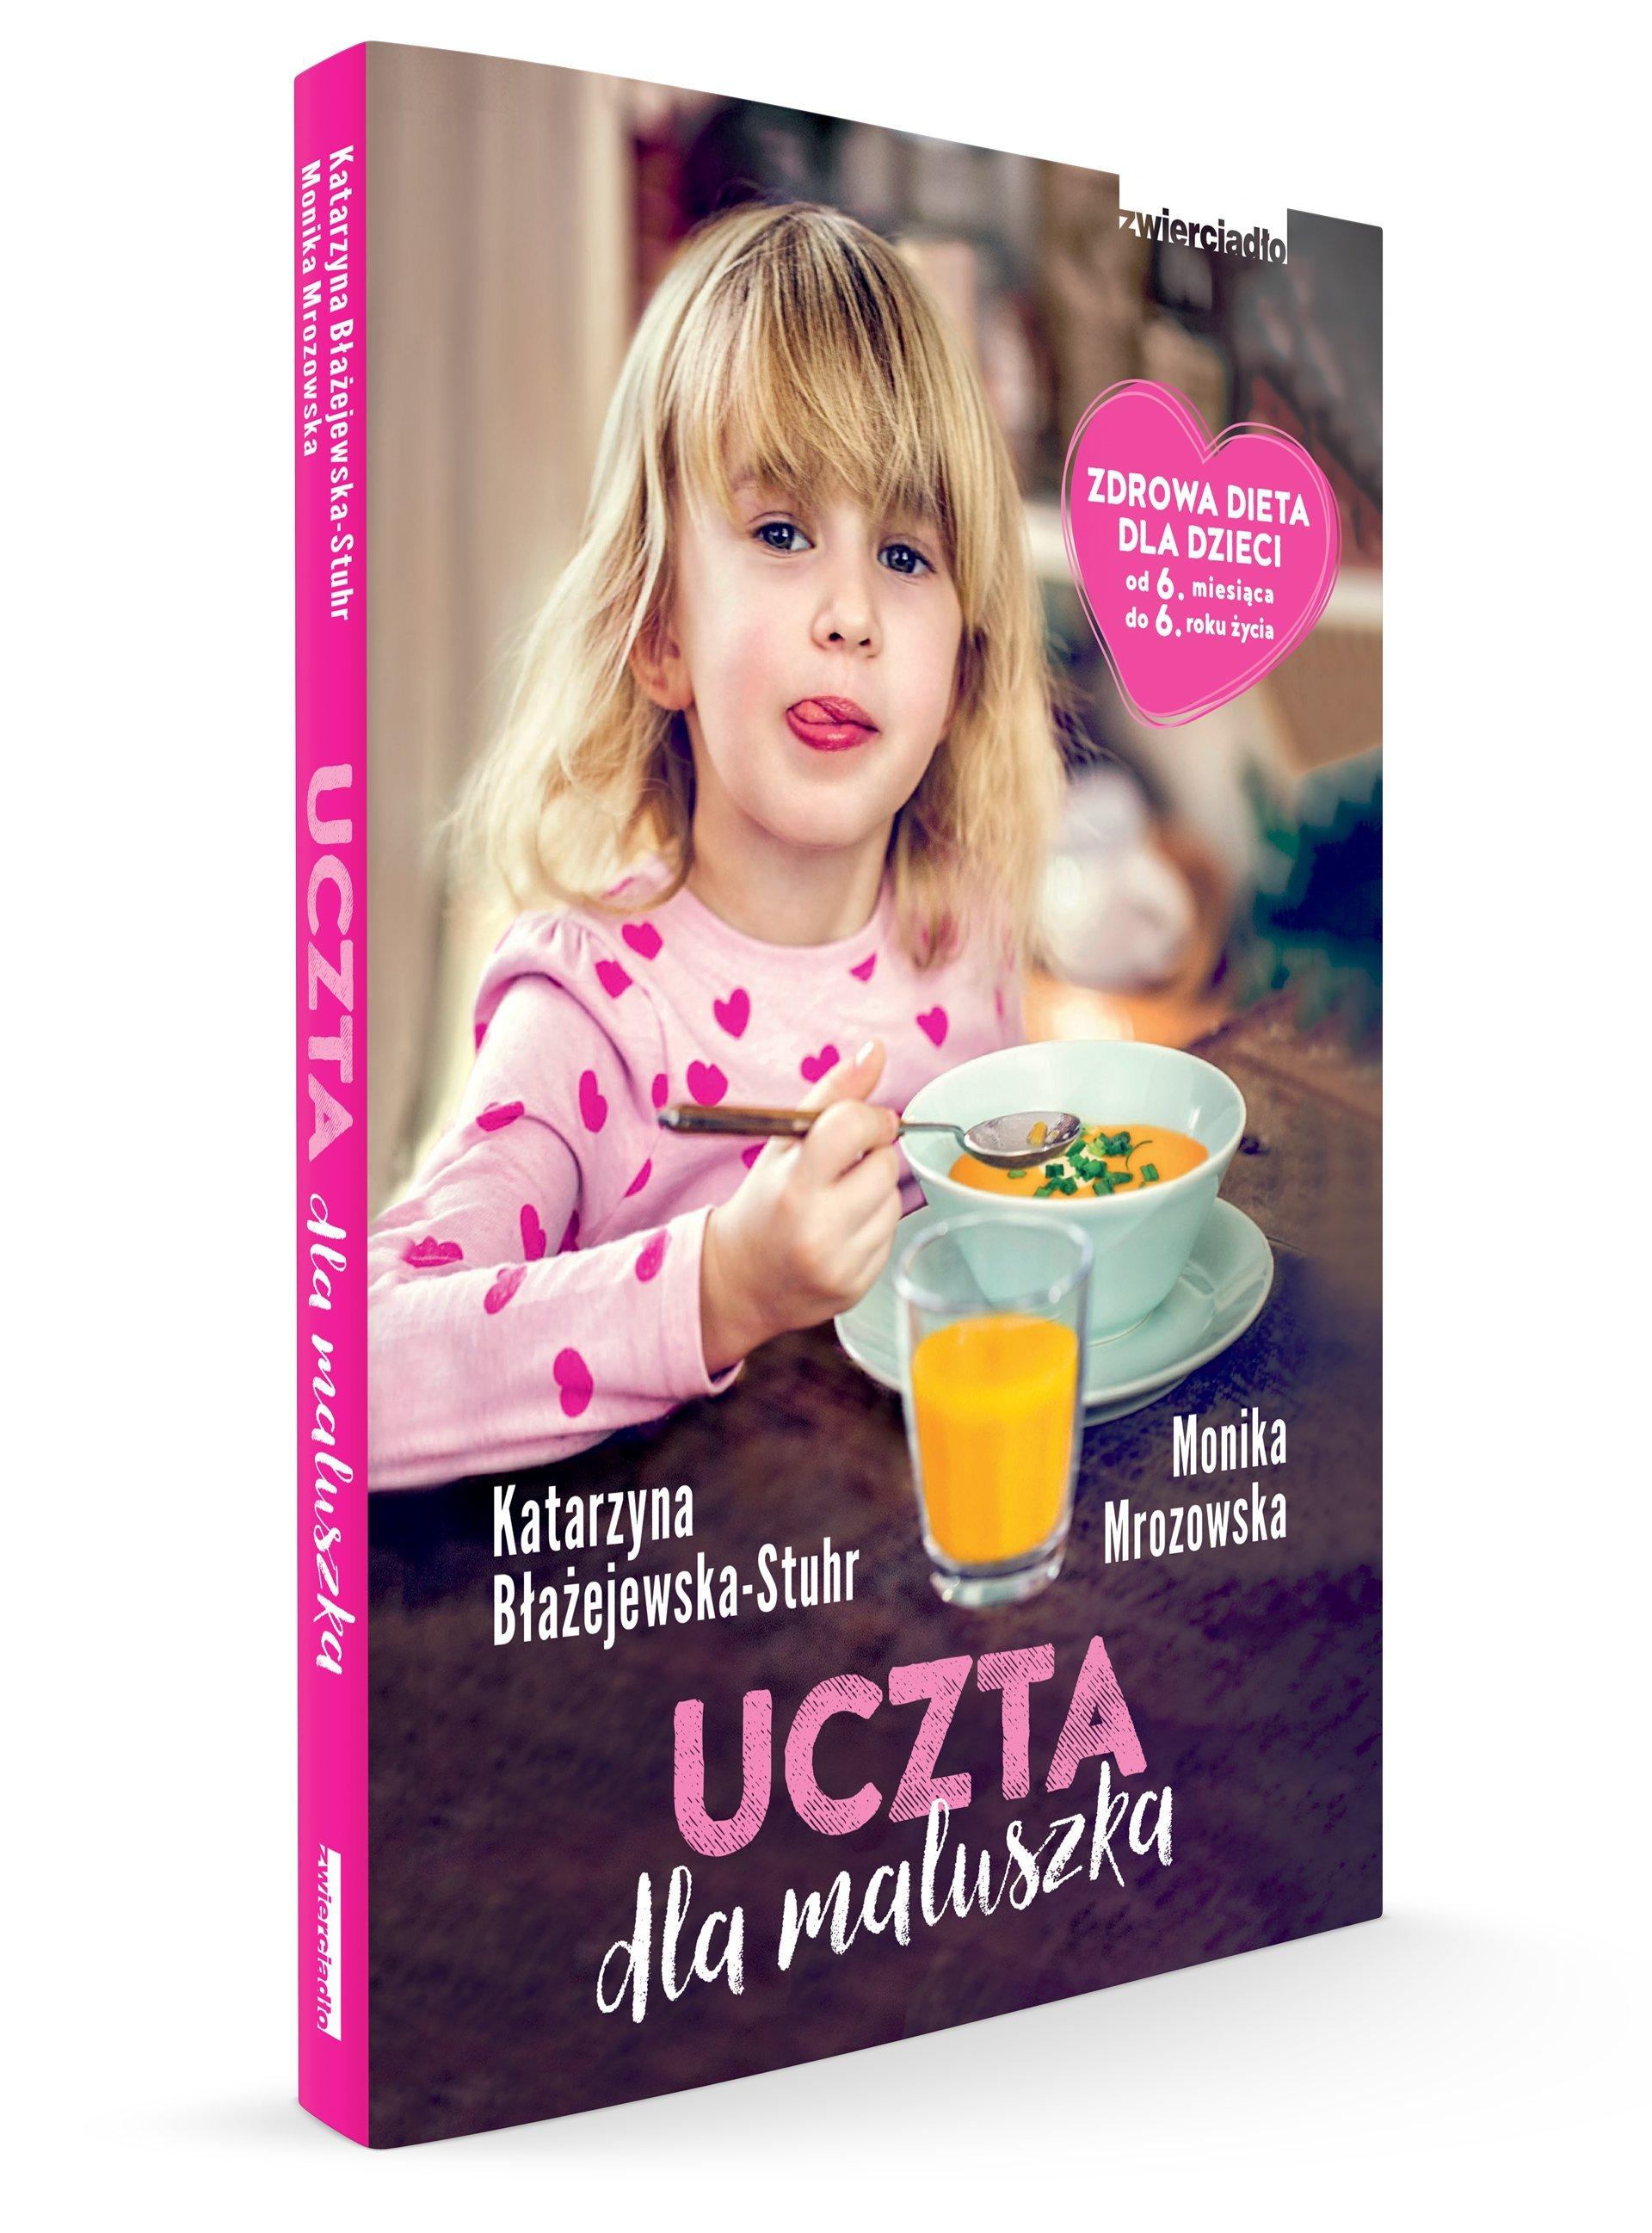 Uczta dla maluszka - książka o kształtowaniu nawyków żywieniowych